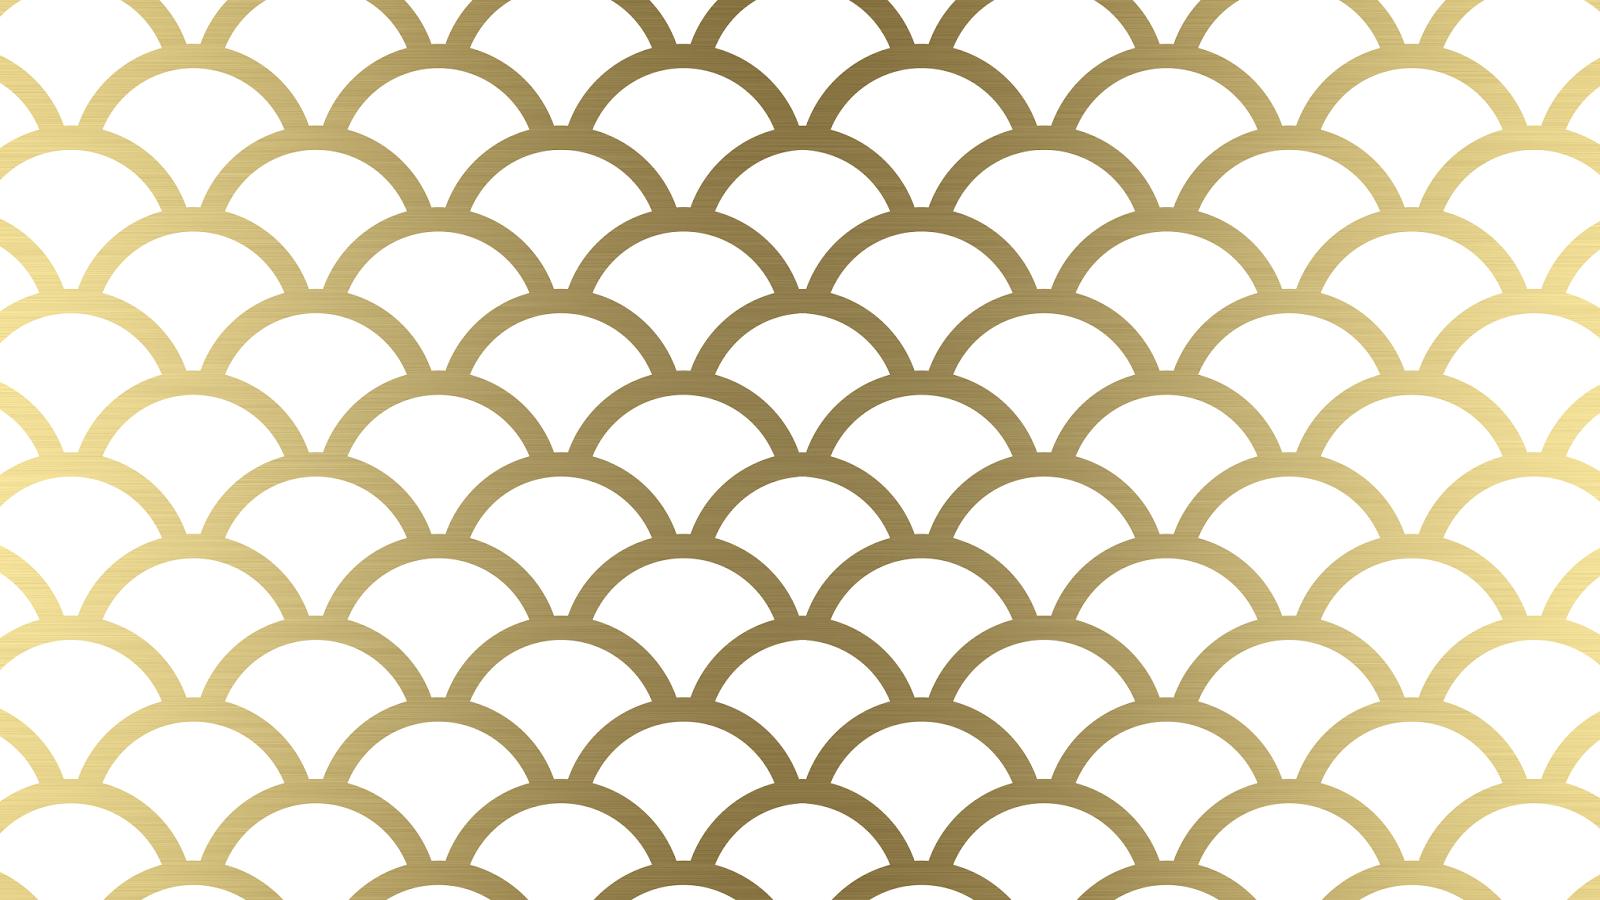 Top Wallpaper Macbook Artsy - 70cbc11df38575807c9309a1fb0b5d40  Collection_904973.png